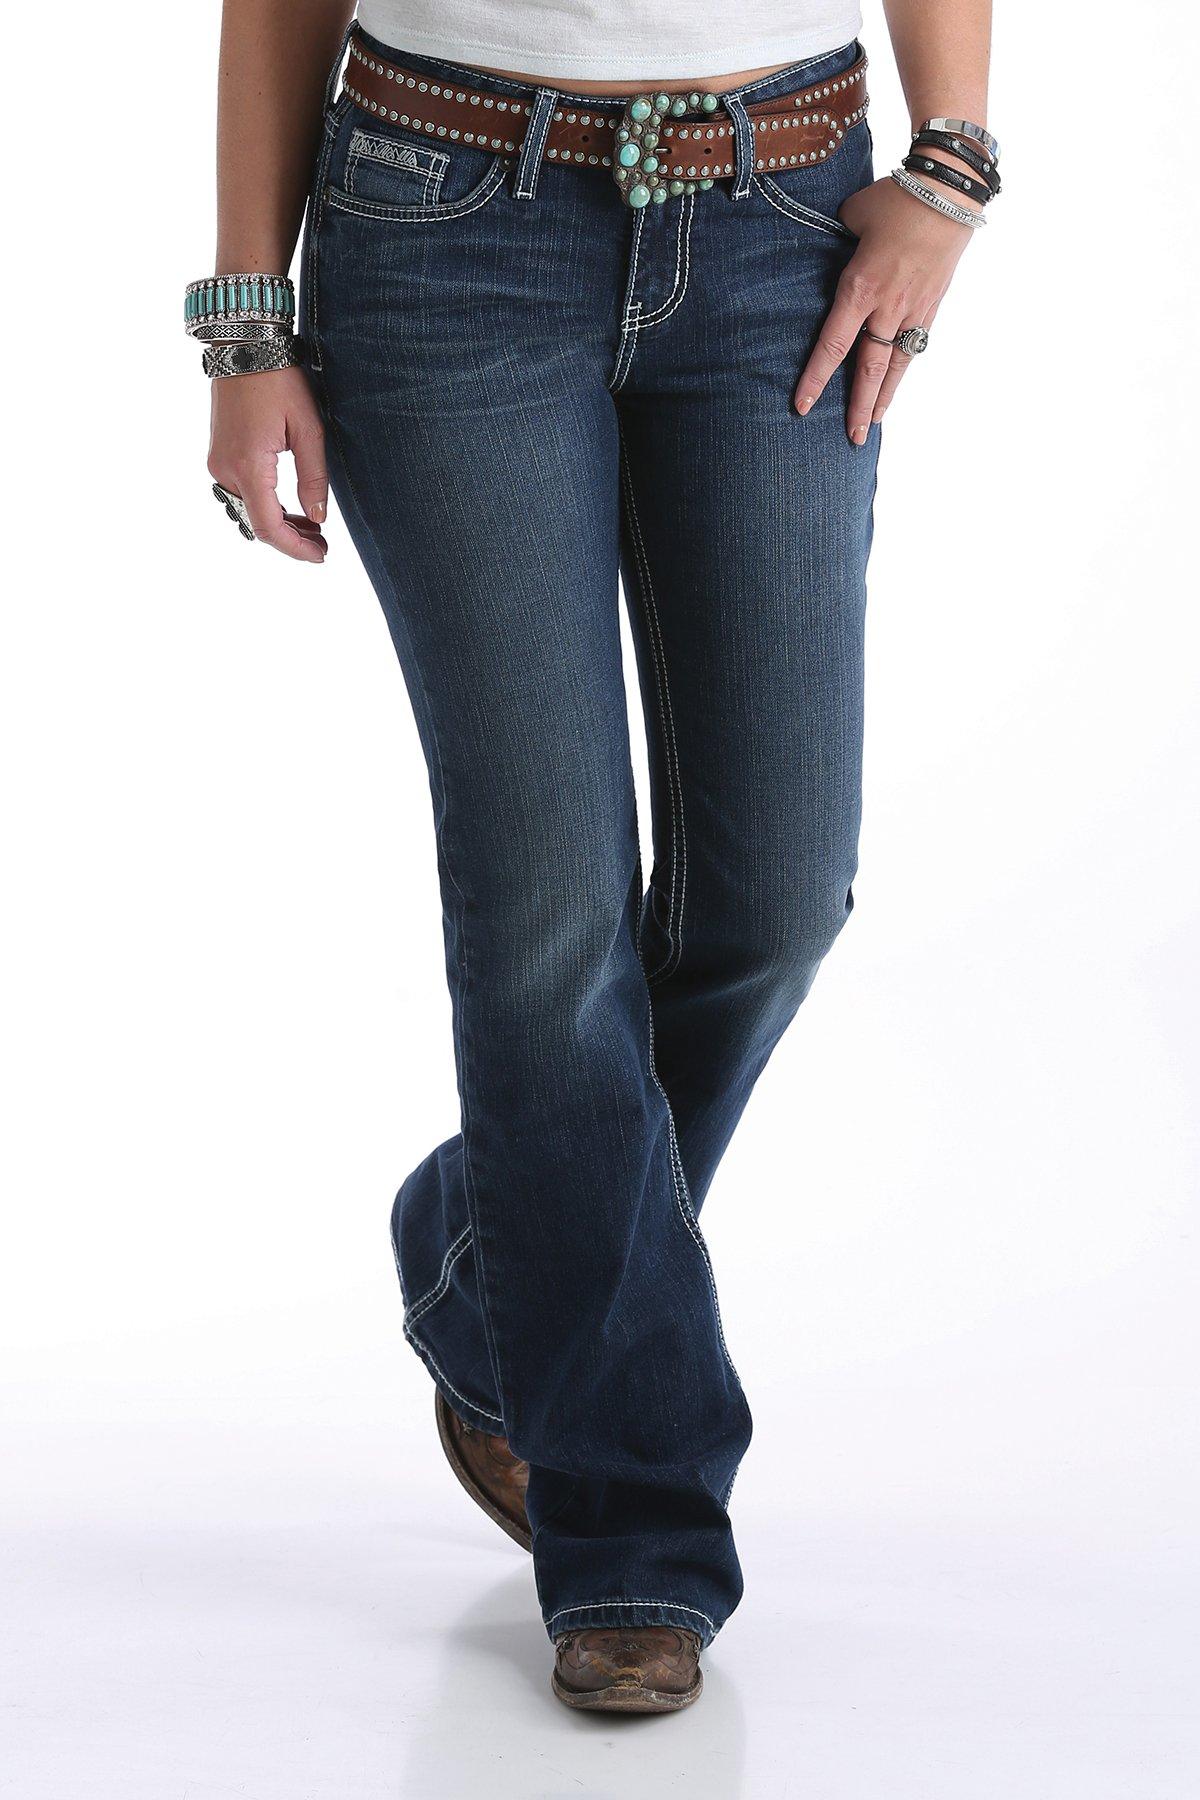 Cruel Denim Hannah Flare Leg Jean- Medium Stone Jean